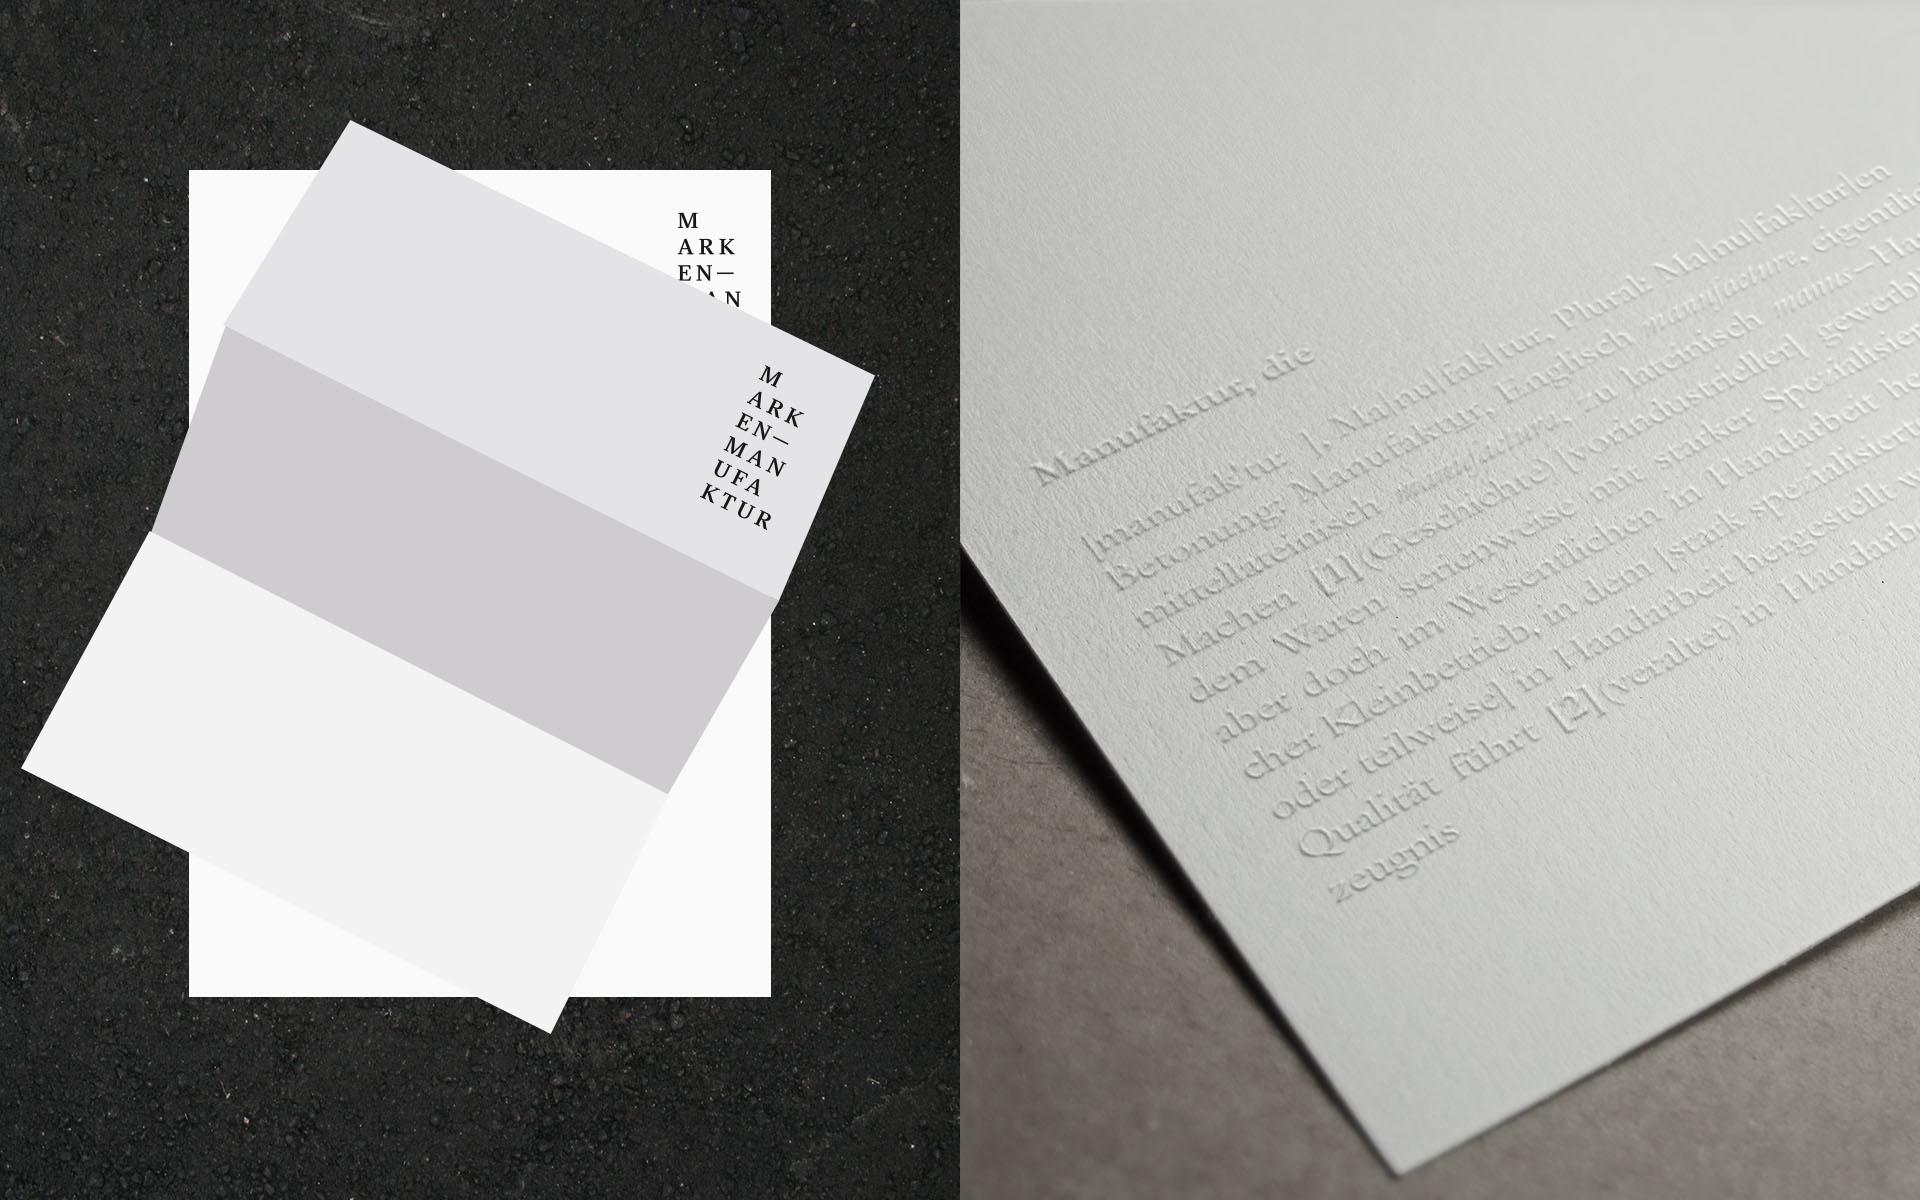 MarkenManufaktur_letterpaper